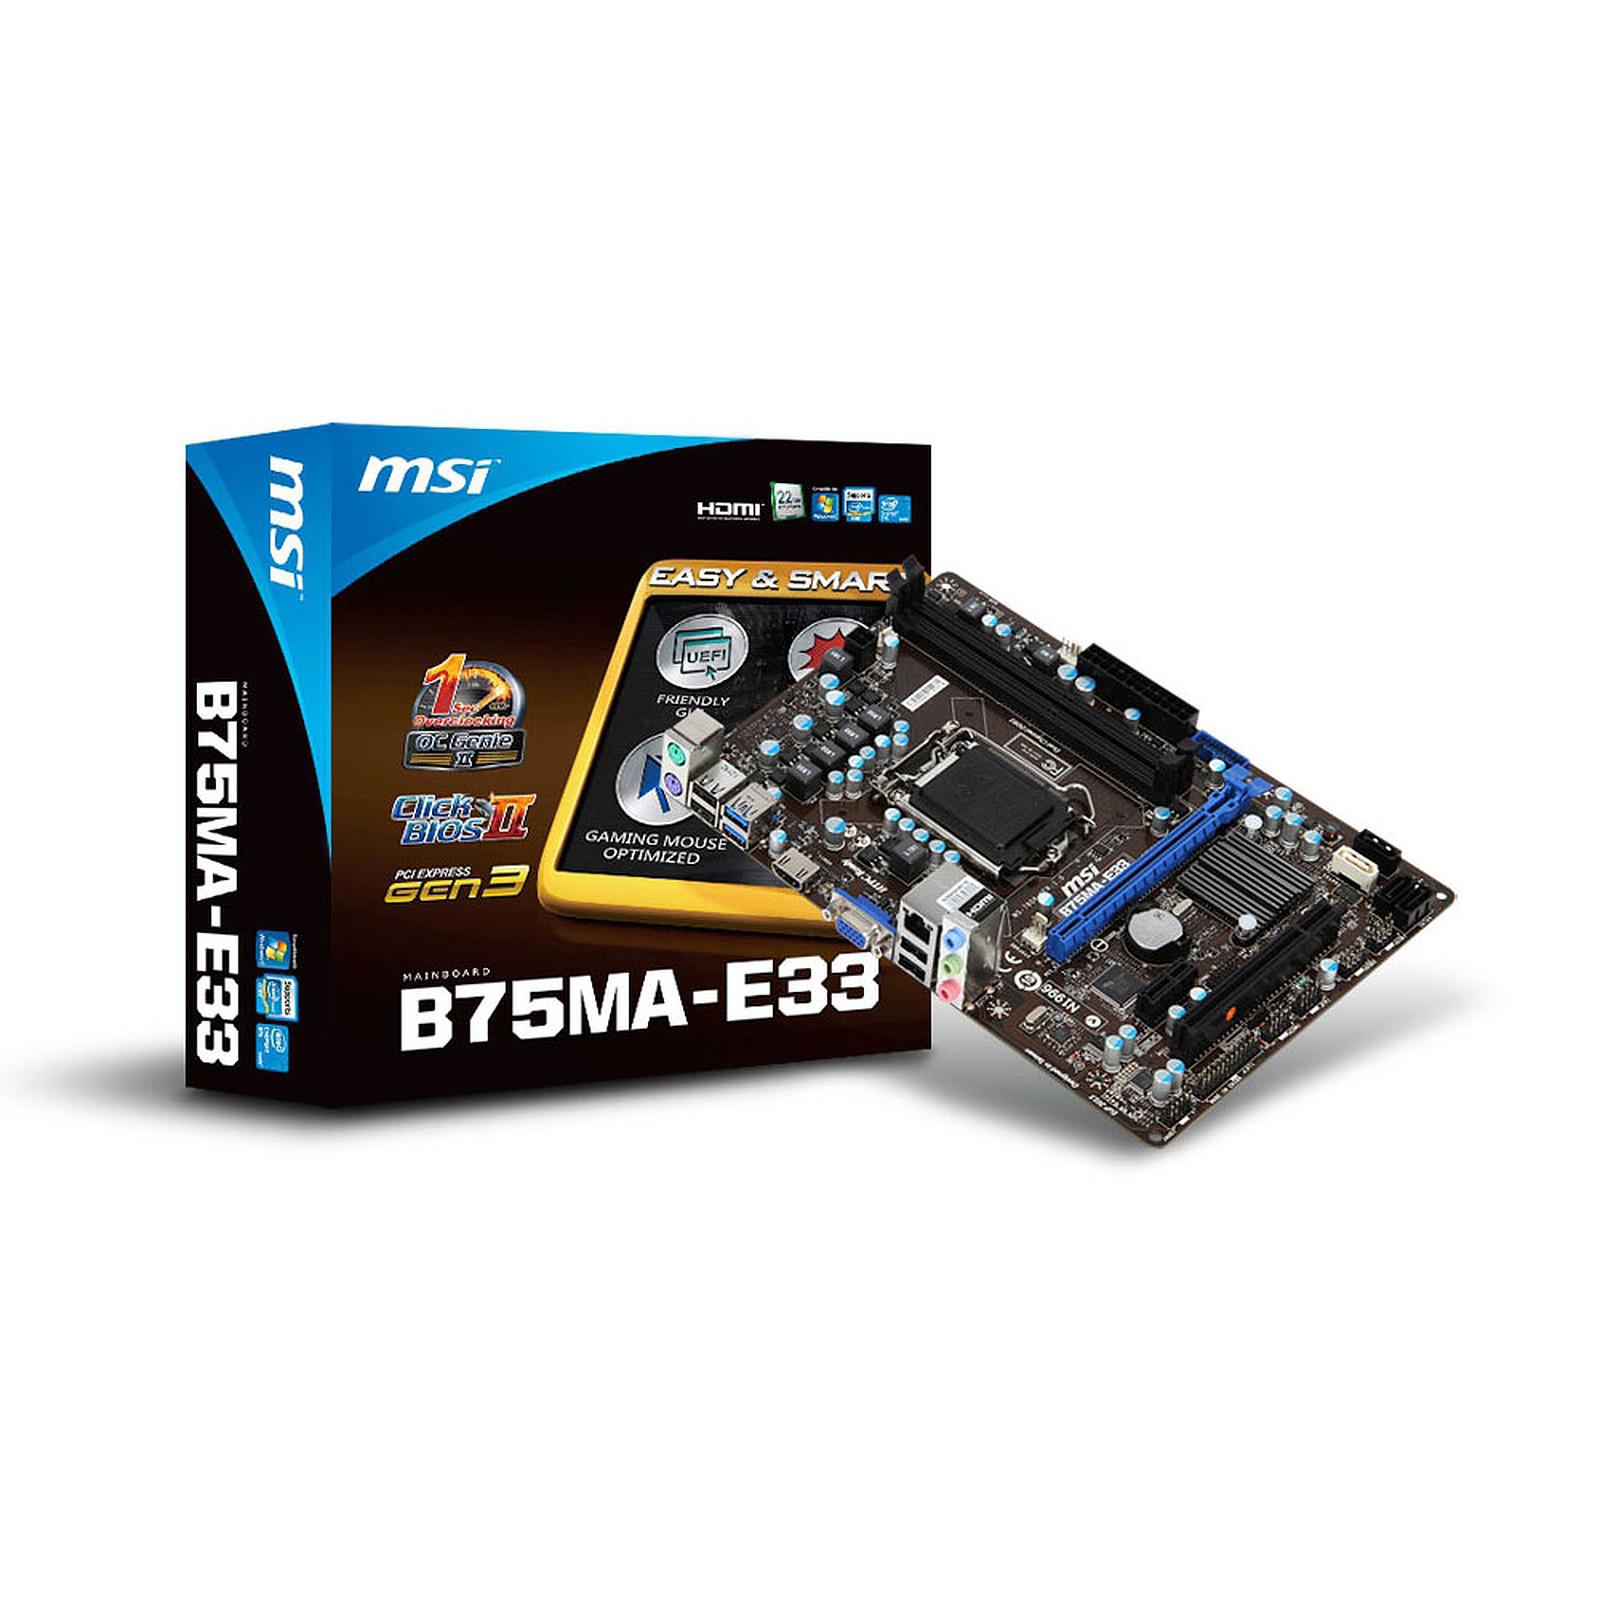 MSI B75MA-E33